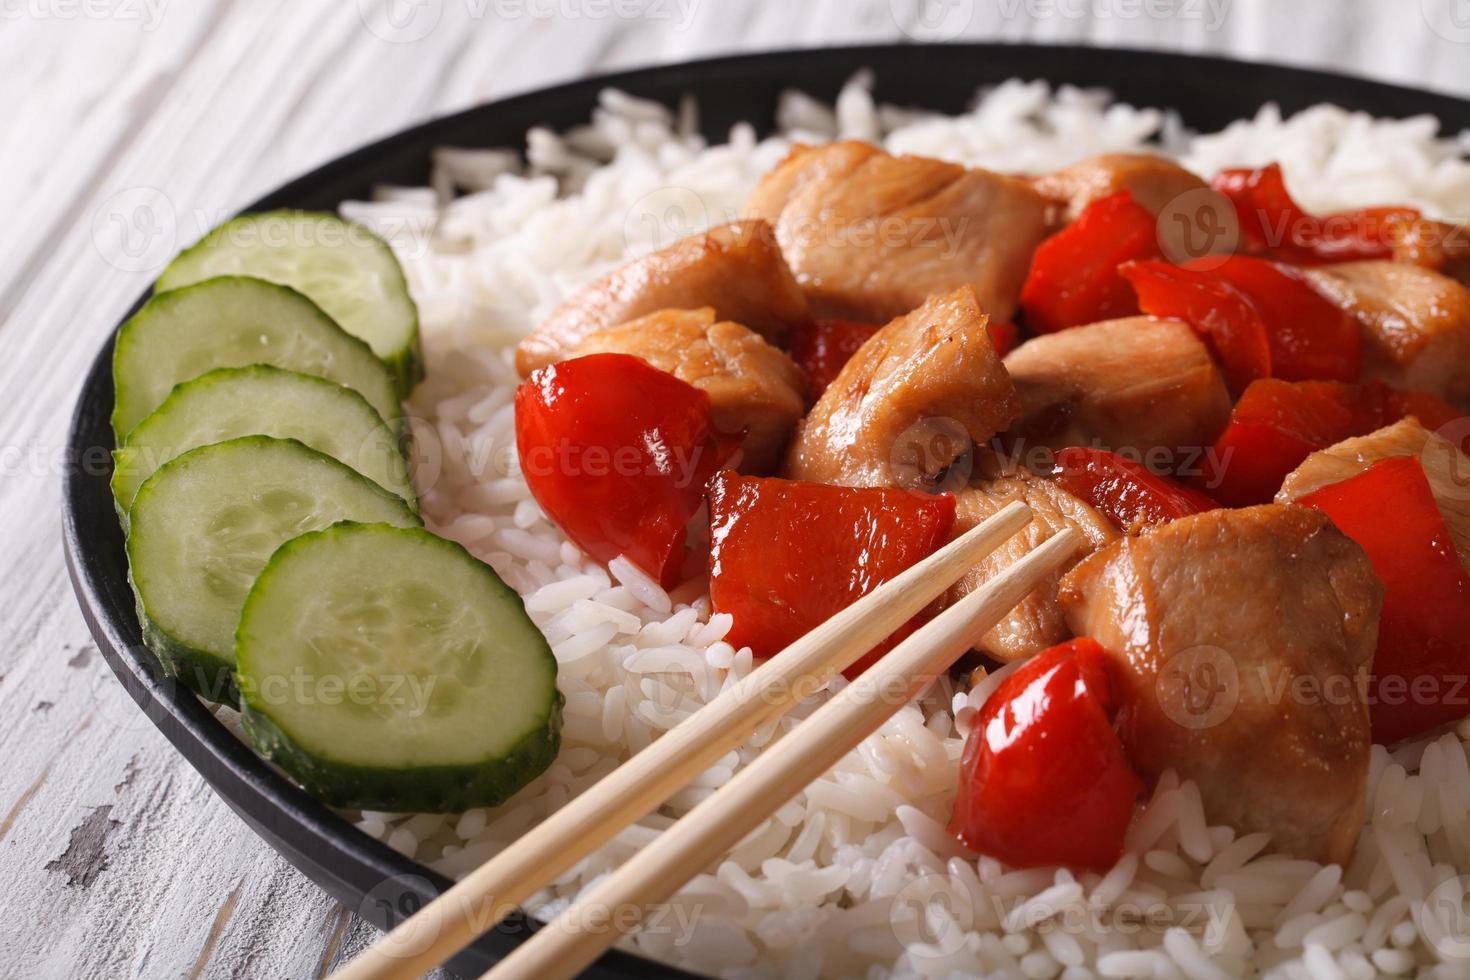 ris med kyckling och grönsaker närbild. horisontell foto